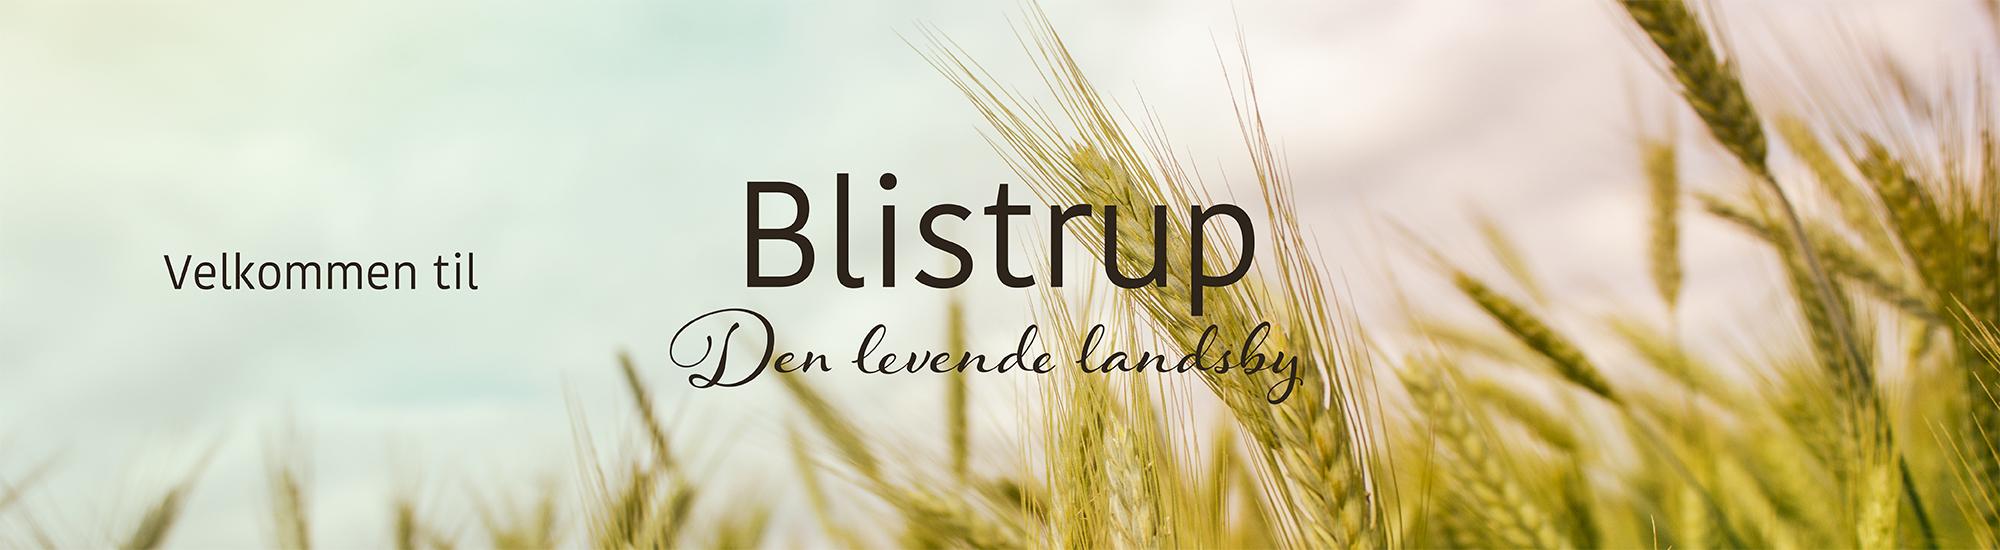 Blistrup logo 3